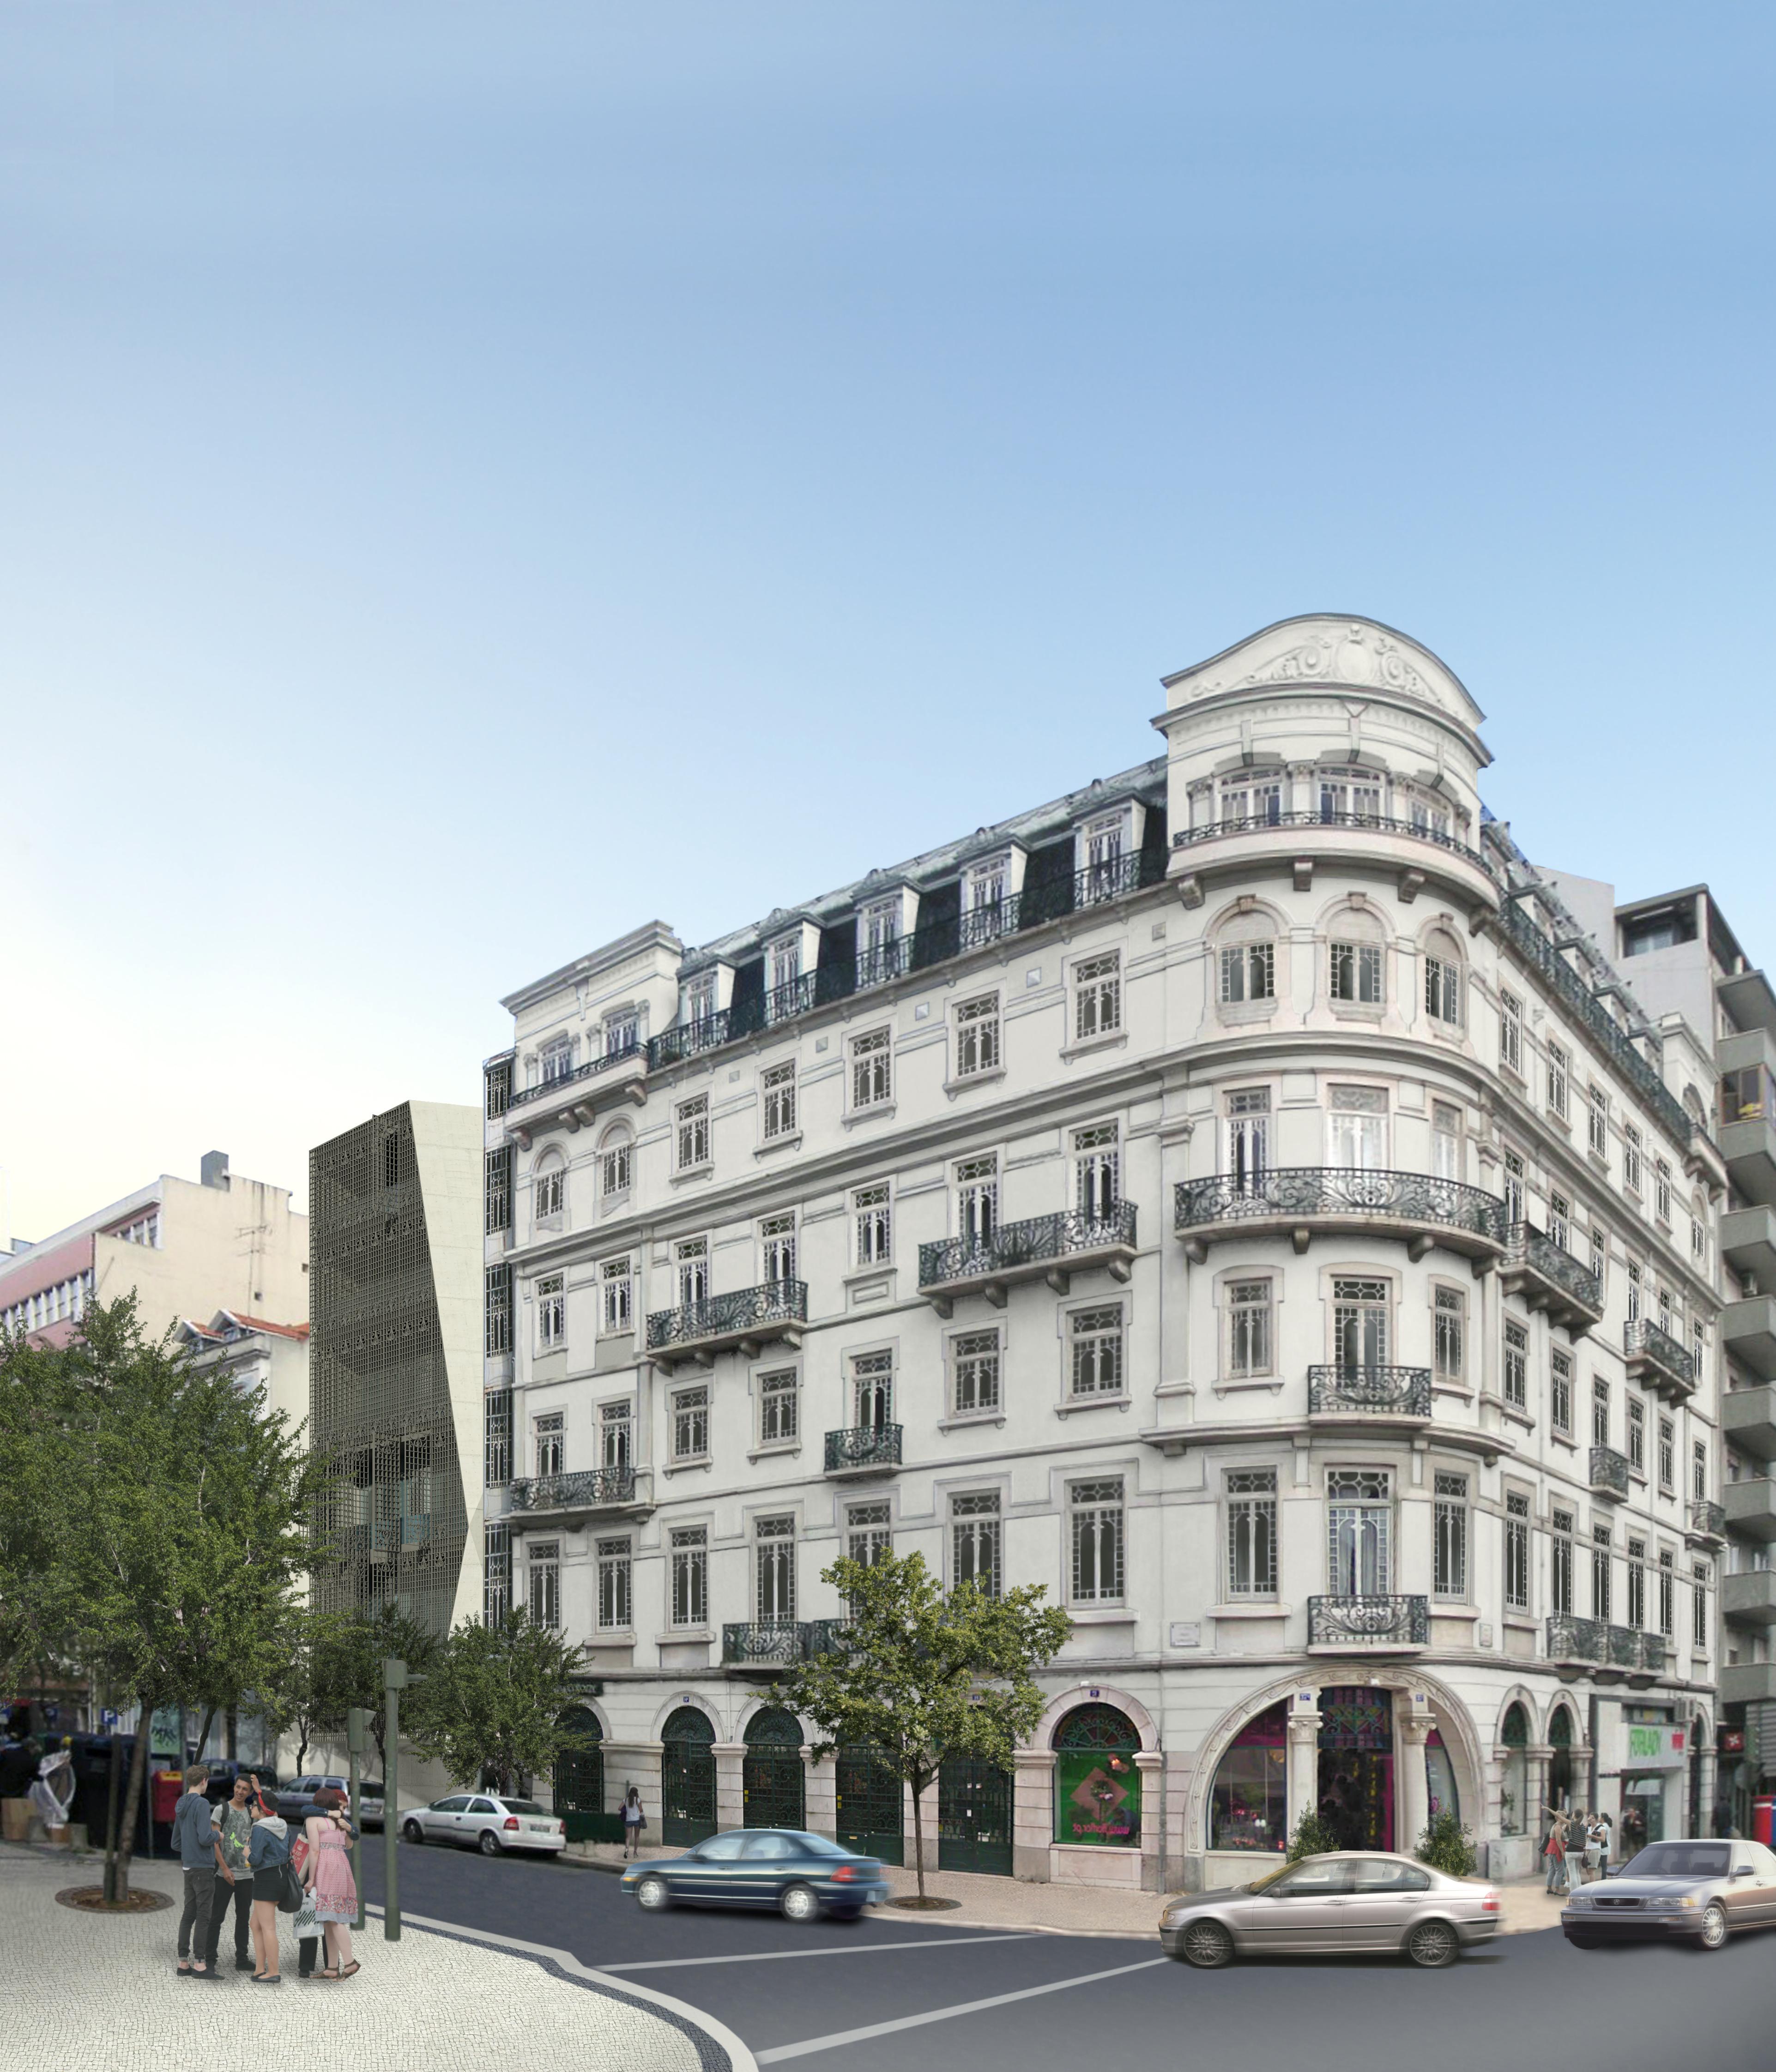 3 pièces 138m2, Lisbonne (Avenidas Novas)